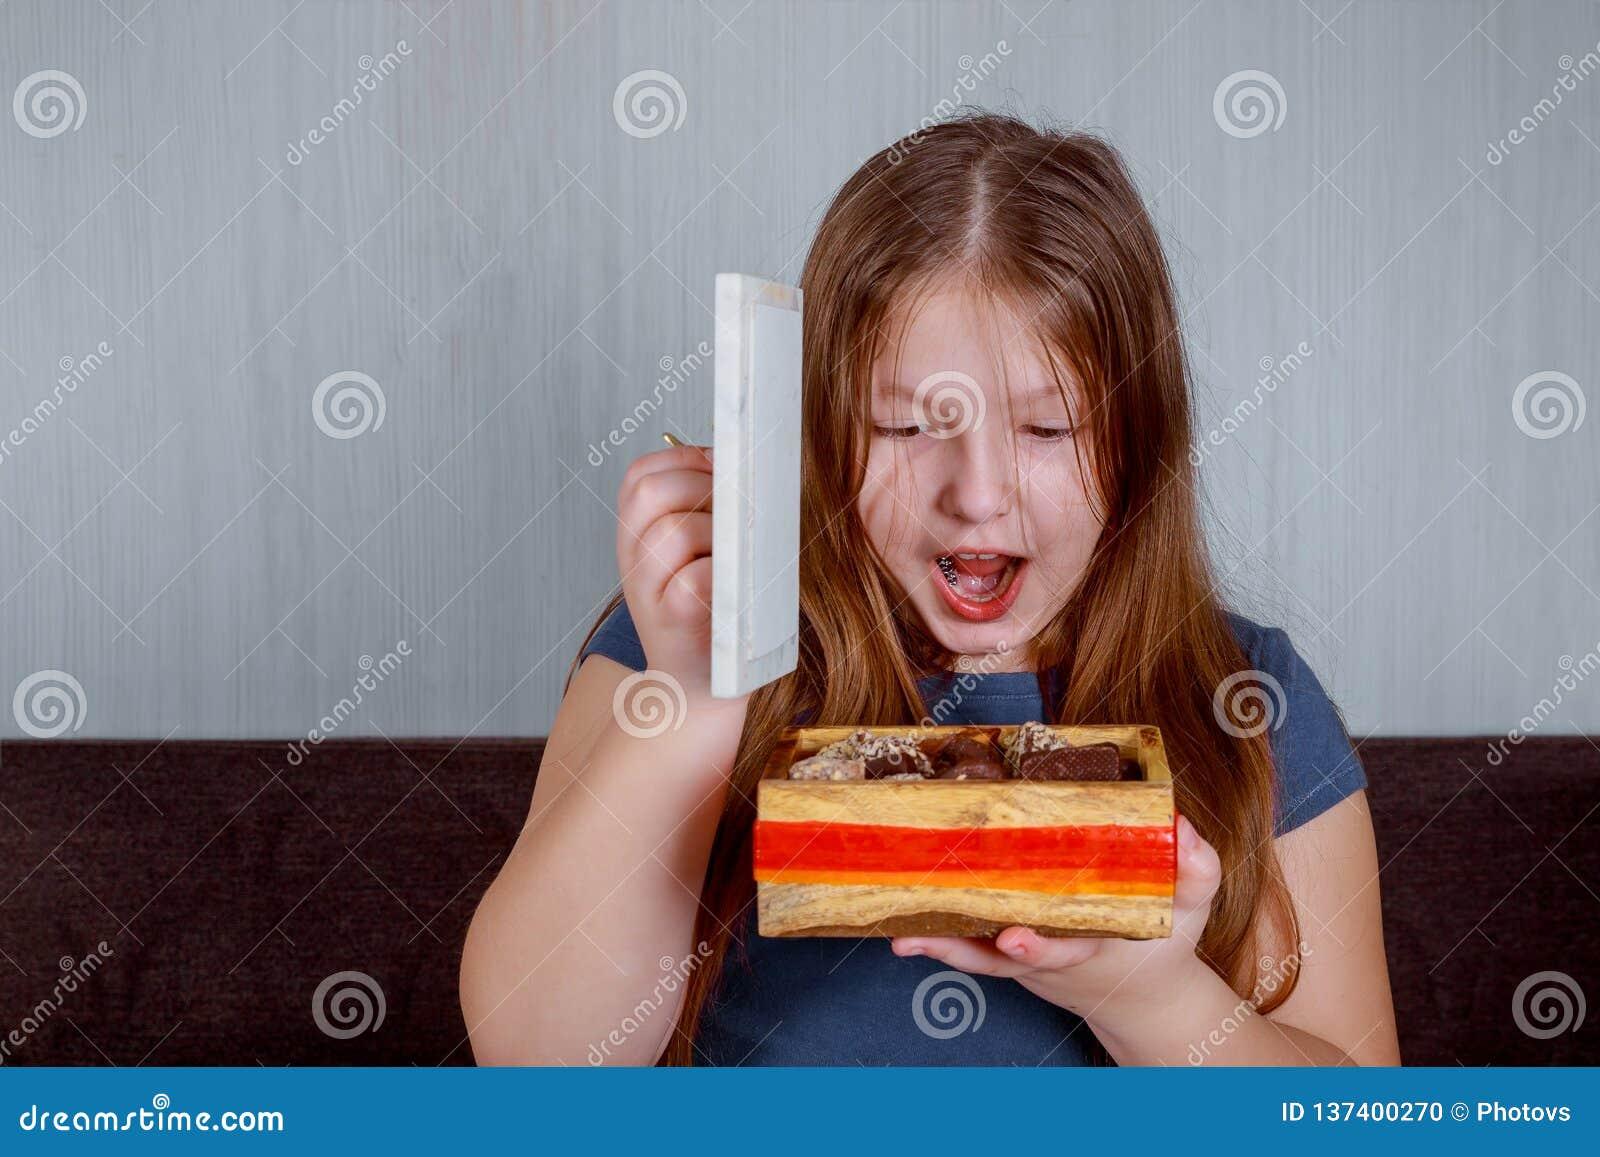 Niña con los caramelos en caja sorprendida sosteniendo un bastón de caramelo Feliz Navidad